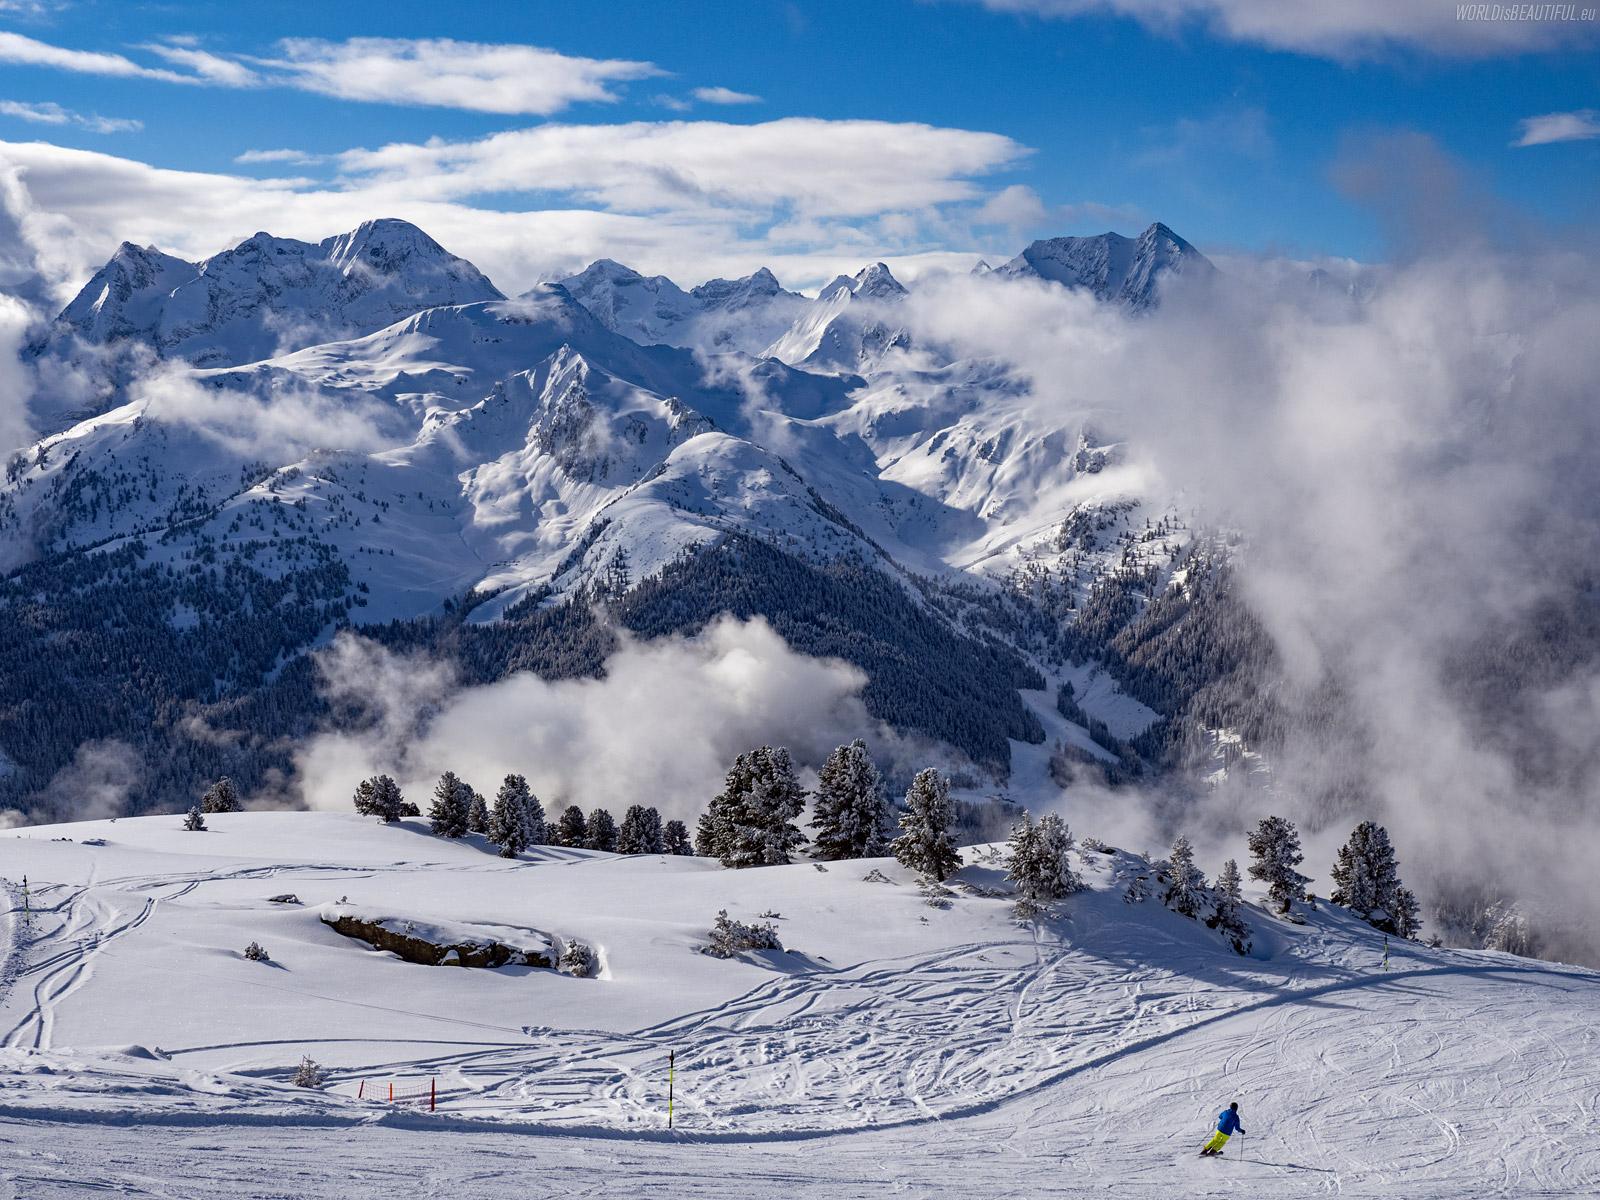 Stoki narciarskie w Zillertal Arena